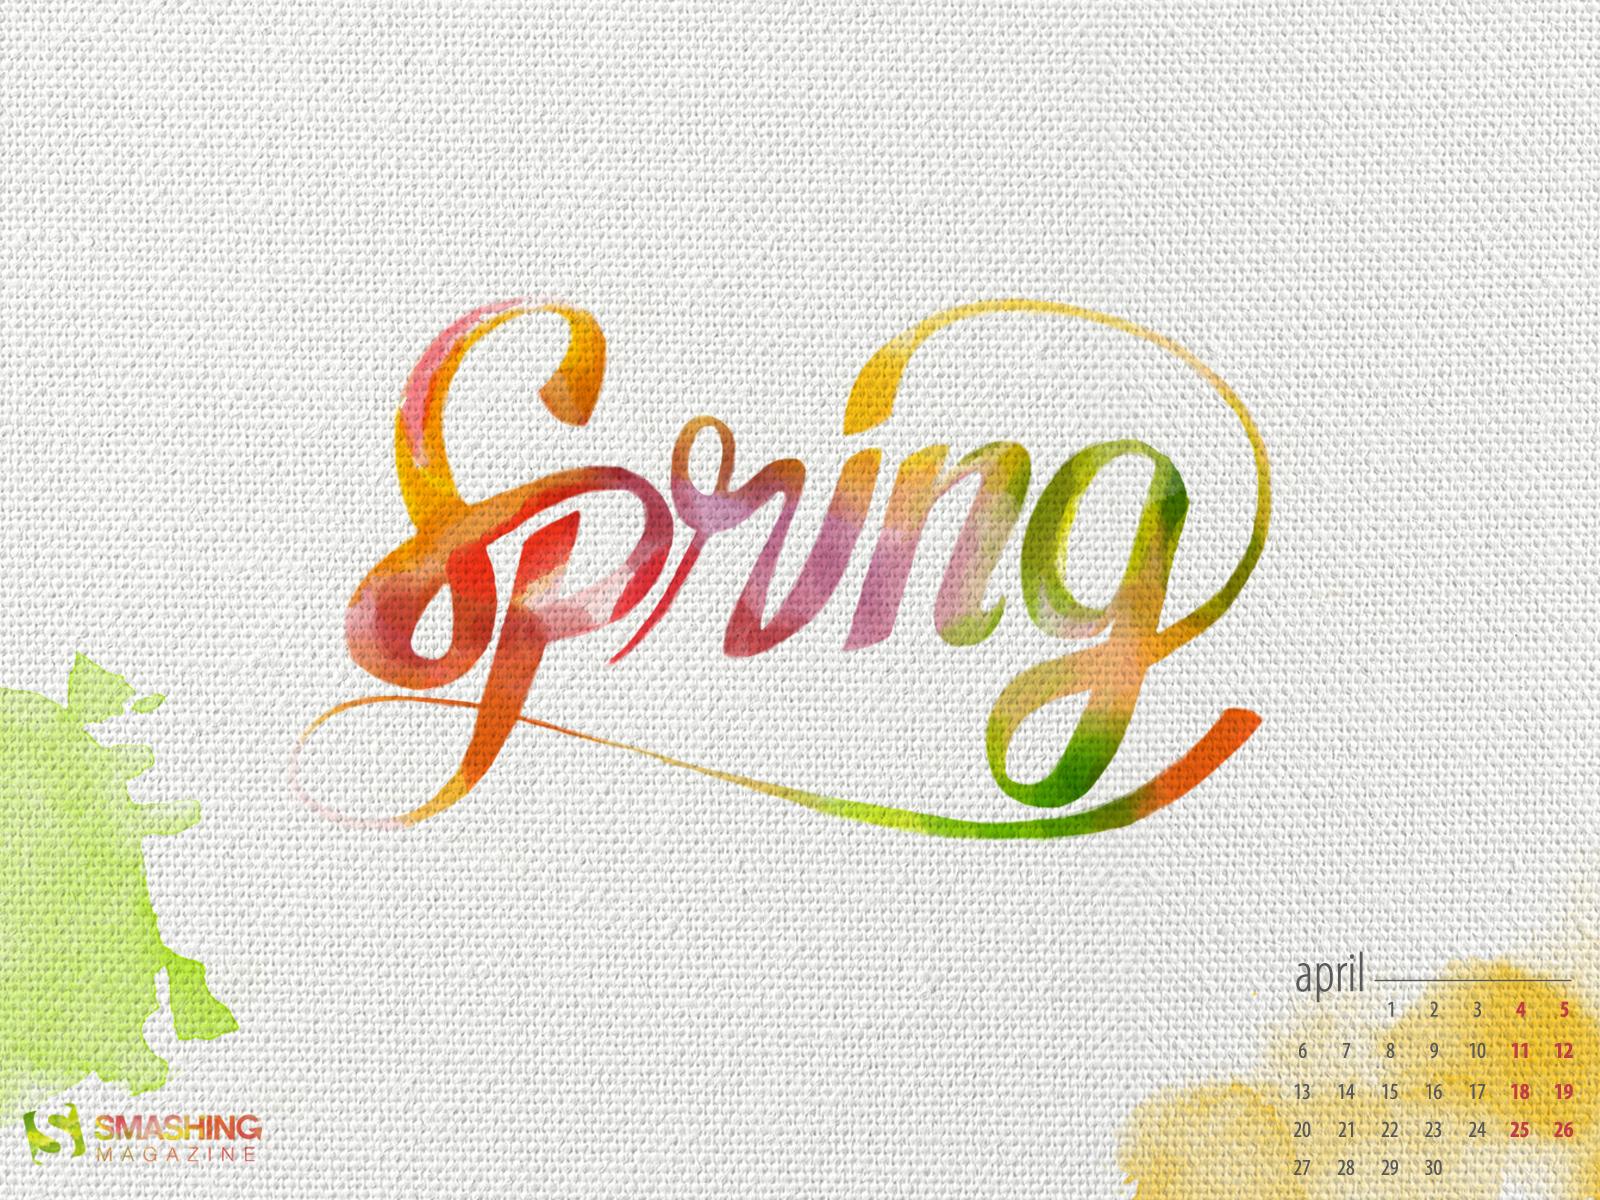 50] Smashing Calendar Wallpaper on WallpaperSafari 1600x1200